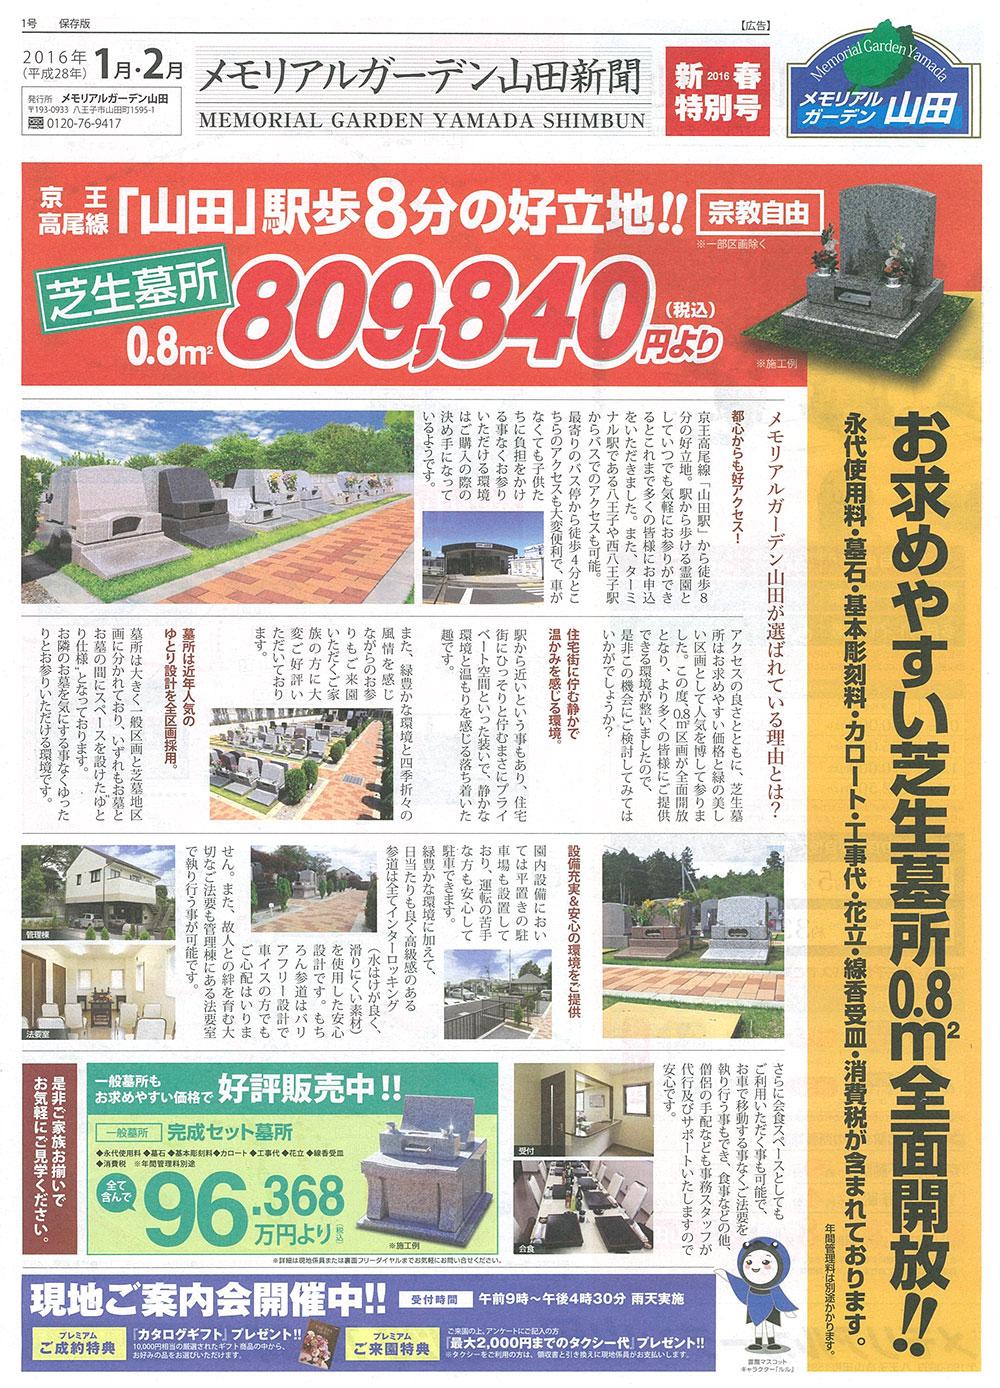 メモリアルガーデン山田チラシ(表)2016年01月